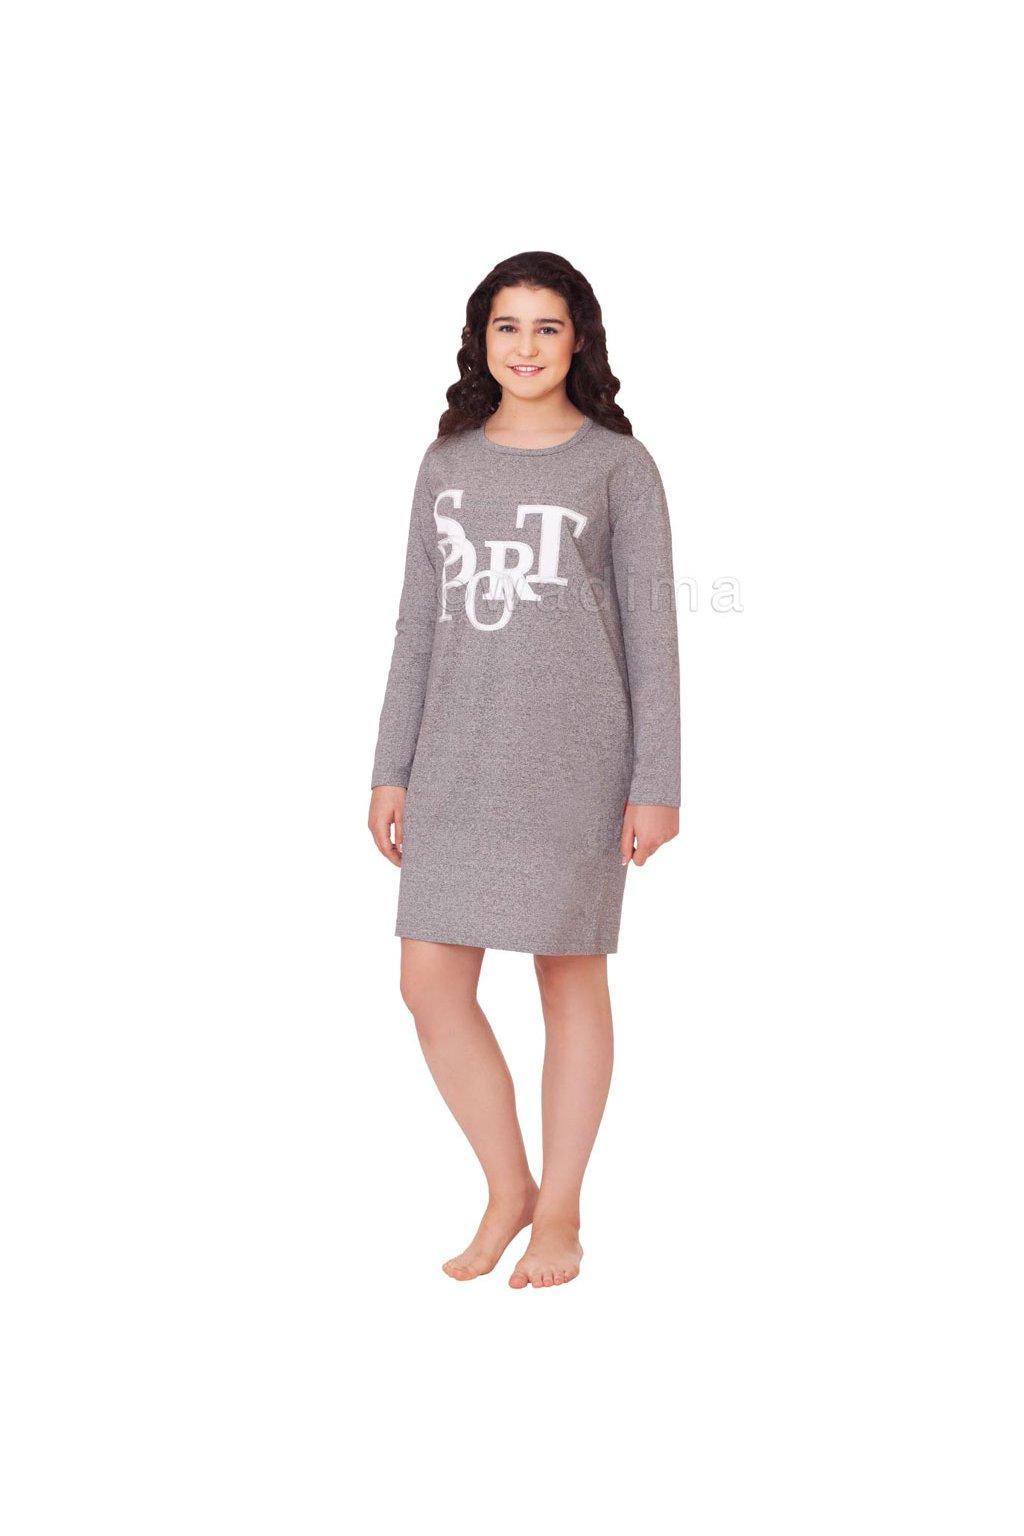 Dívčí noční košile YOUNG FASHION, 70462 399, šedá